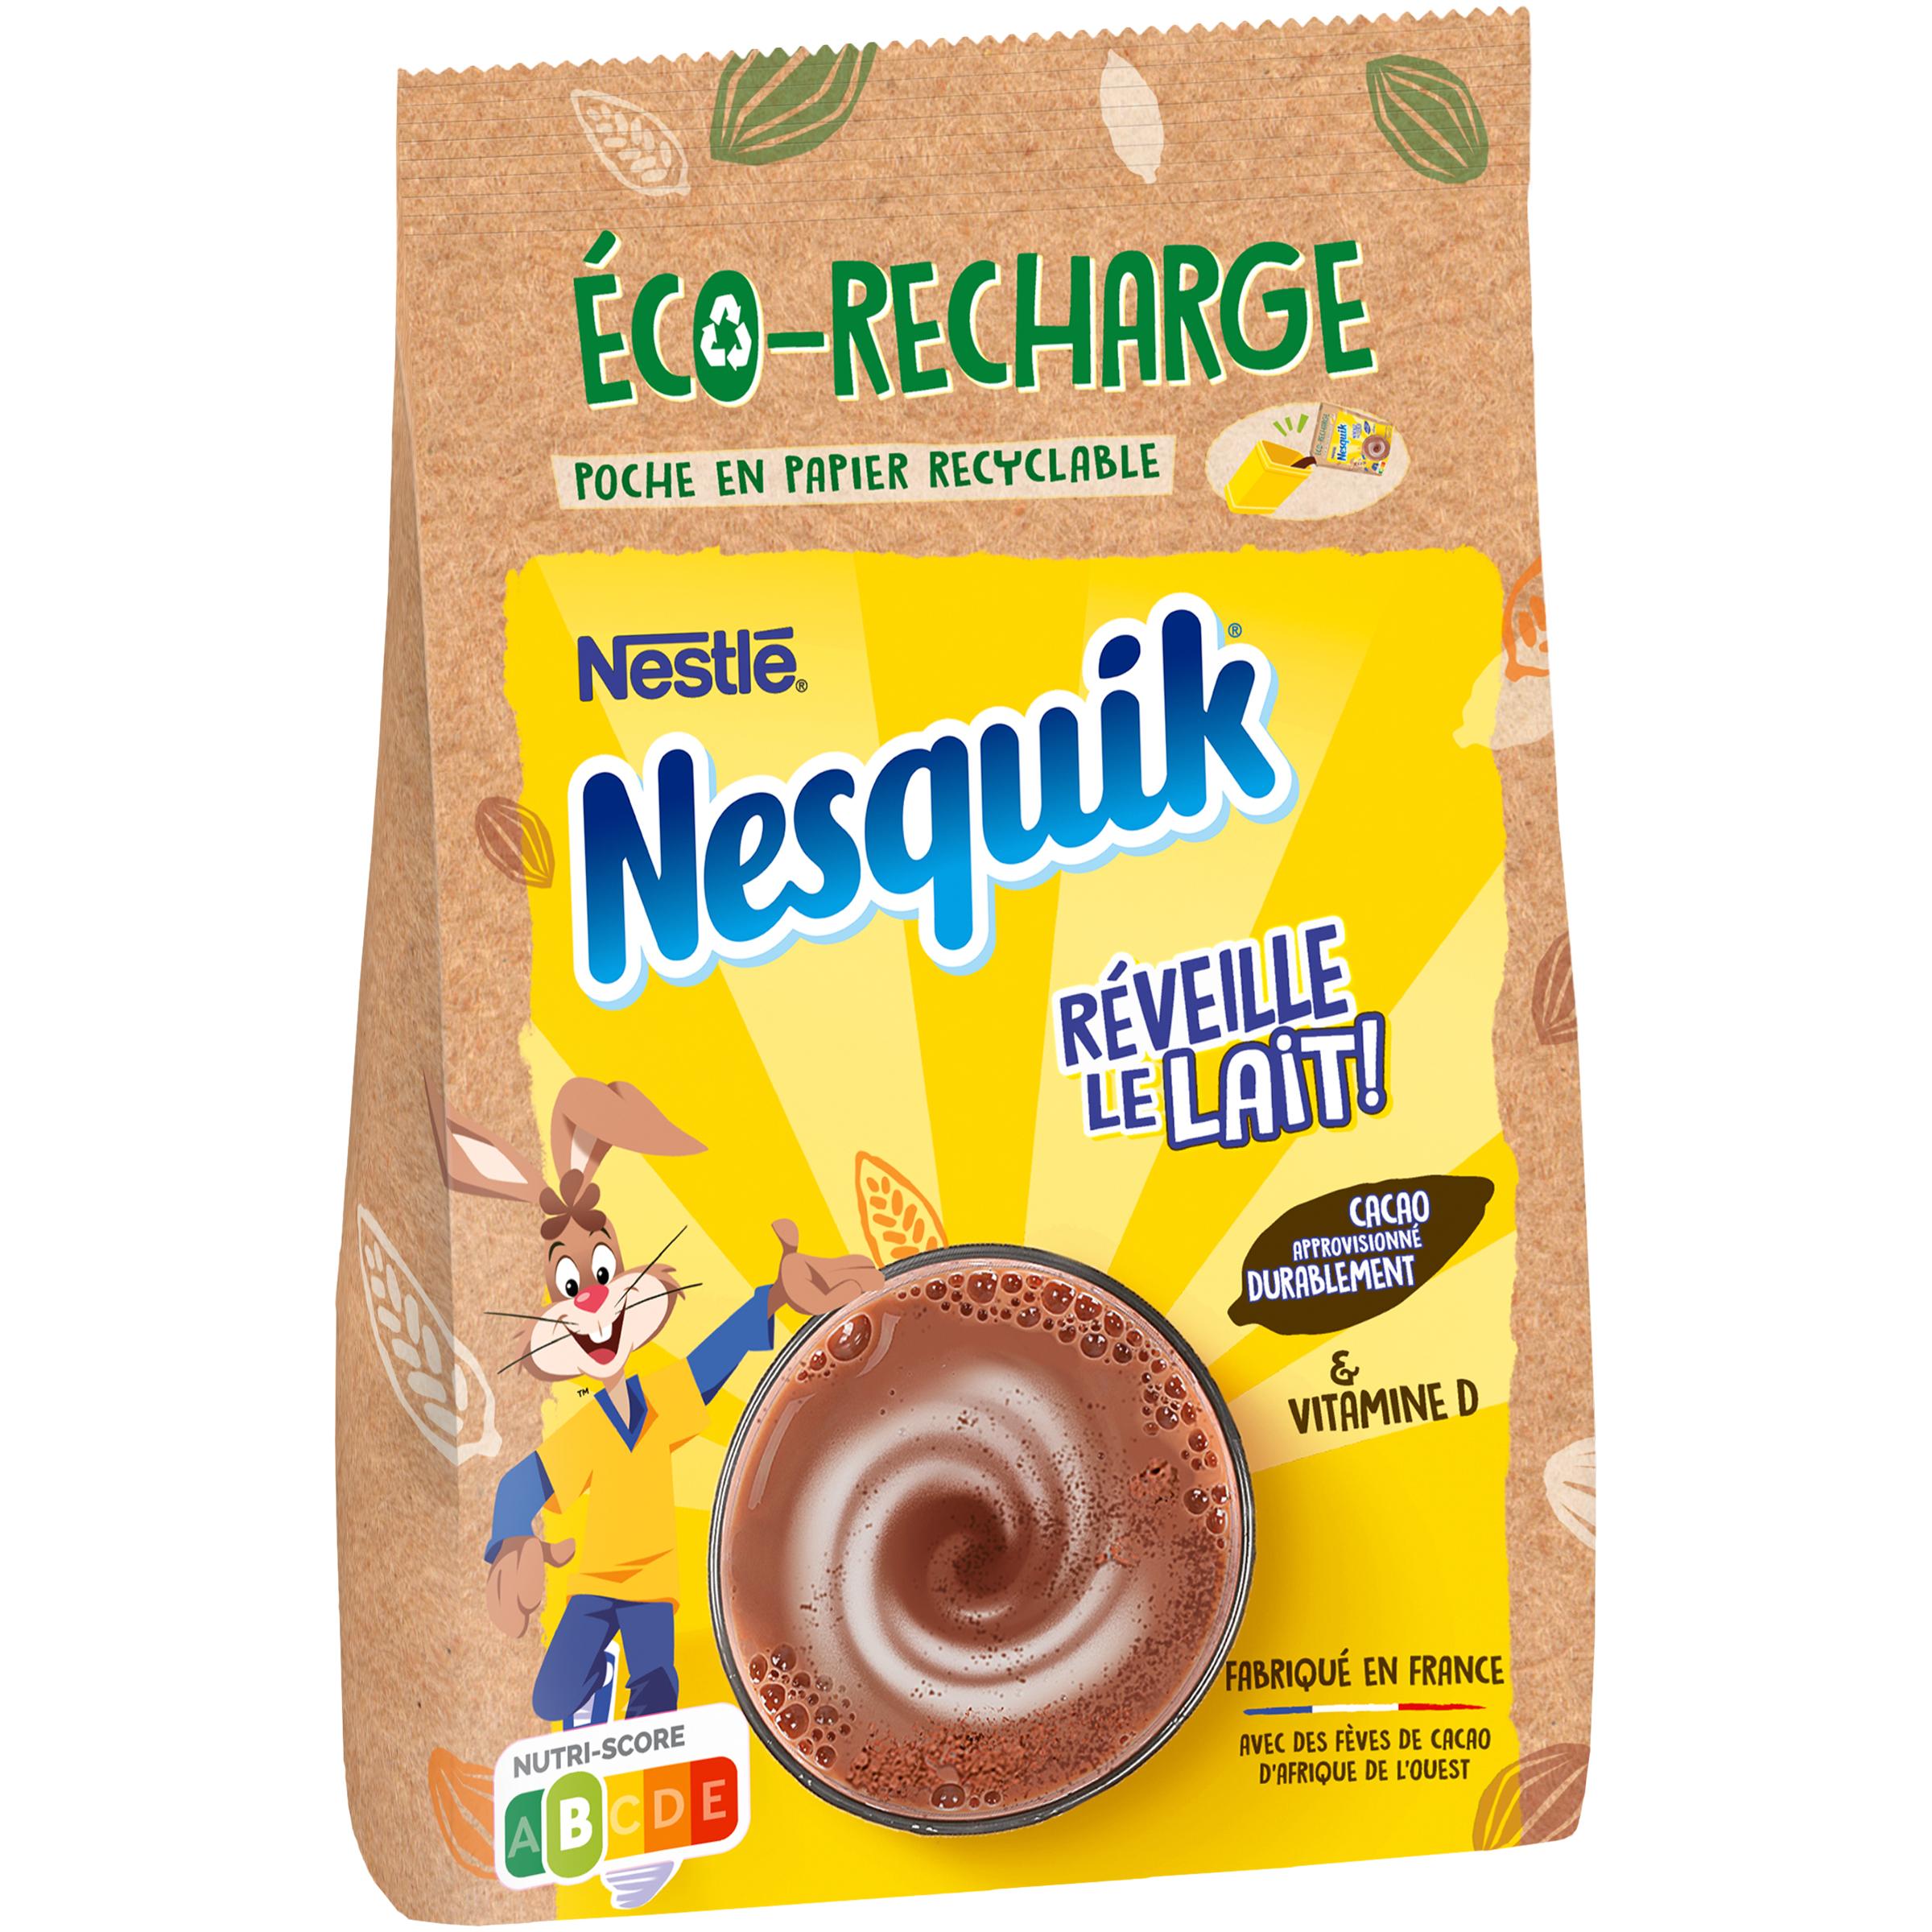 3D eco recharge - Nesquick innove avec deux nouvelles références éco-responsables